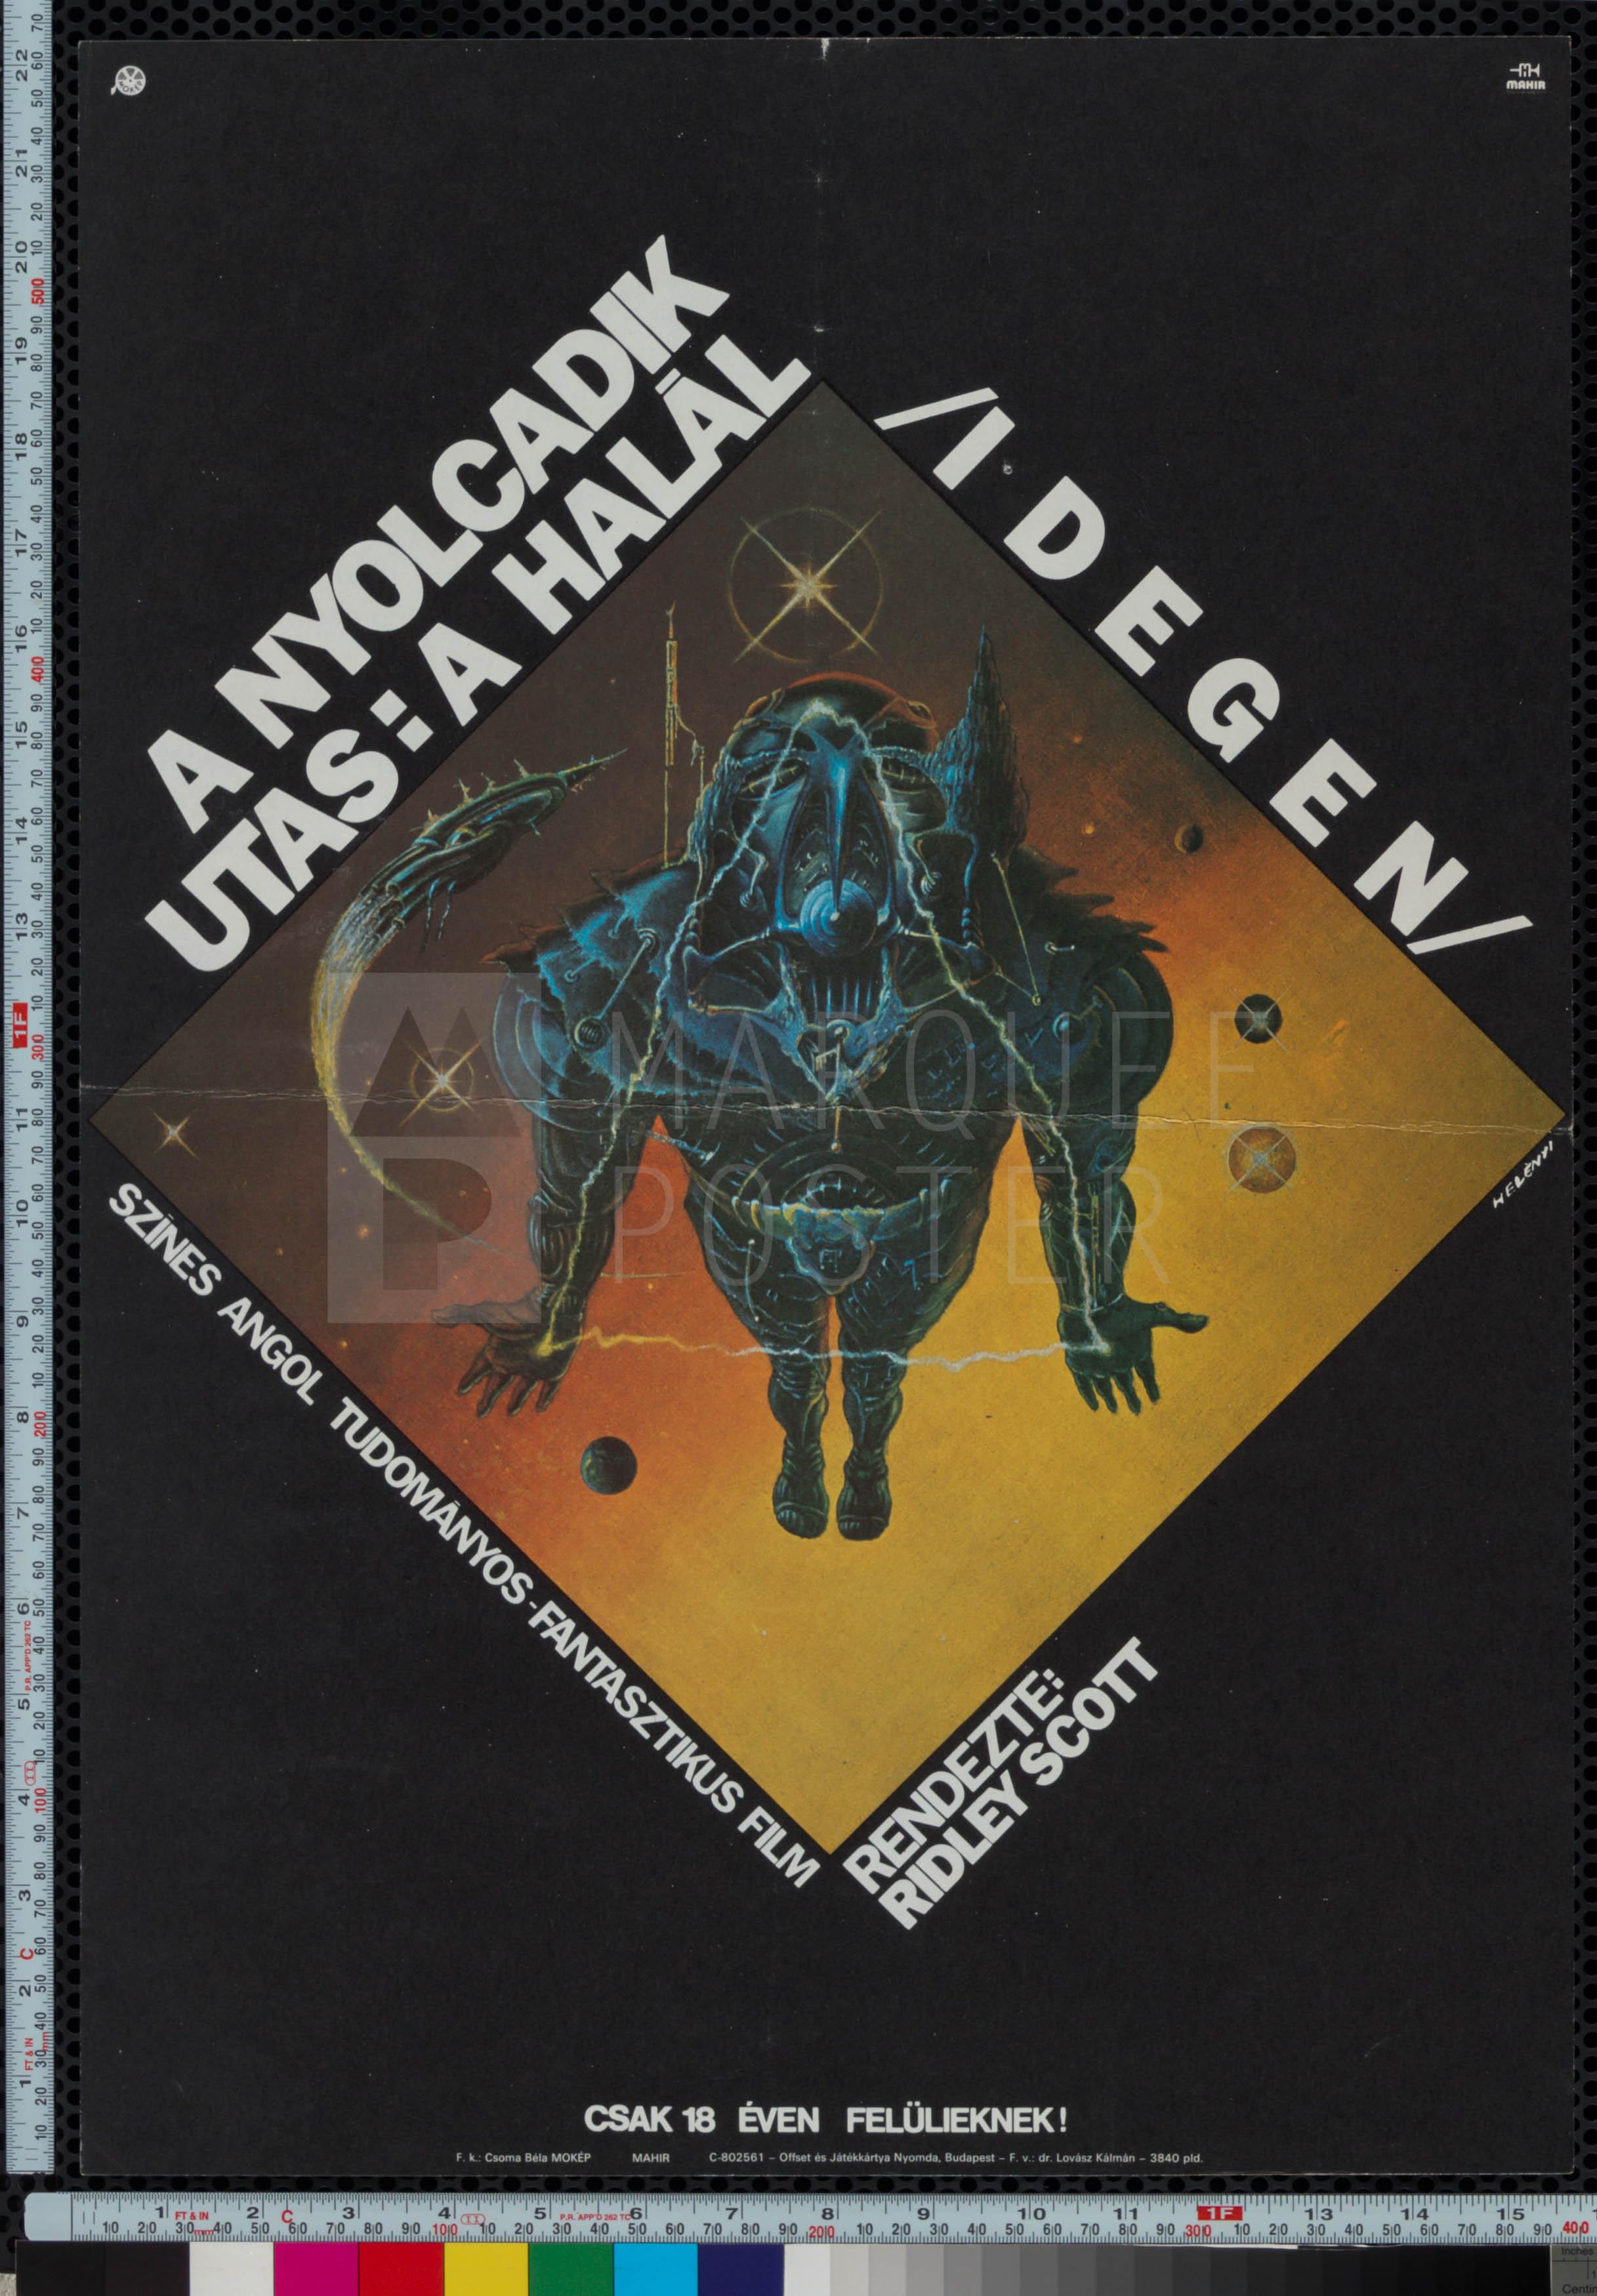 60-alien-hungarian-a2-1980-02